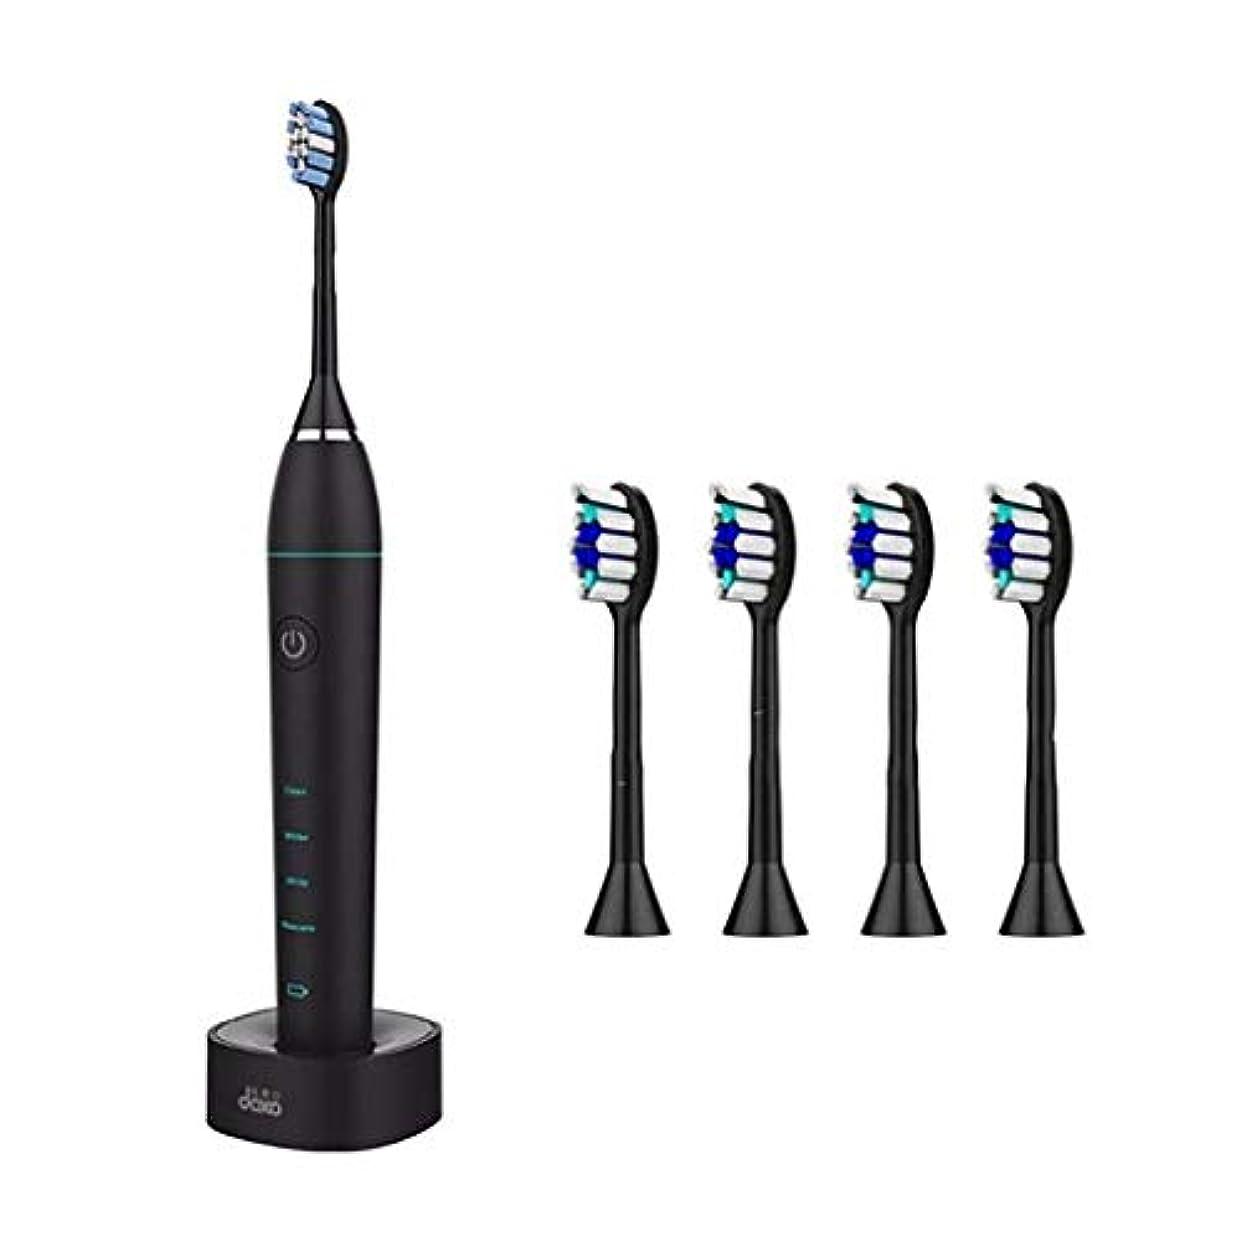 物理的に重大延ばす歯ブラシ、電動歯ブラシ、超音波ホワイトニング歯のバイブレーター、美容歯、ワイヤレスタイマー口腔衛生クリーニング (Color : 黒)